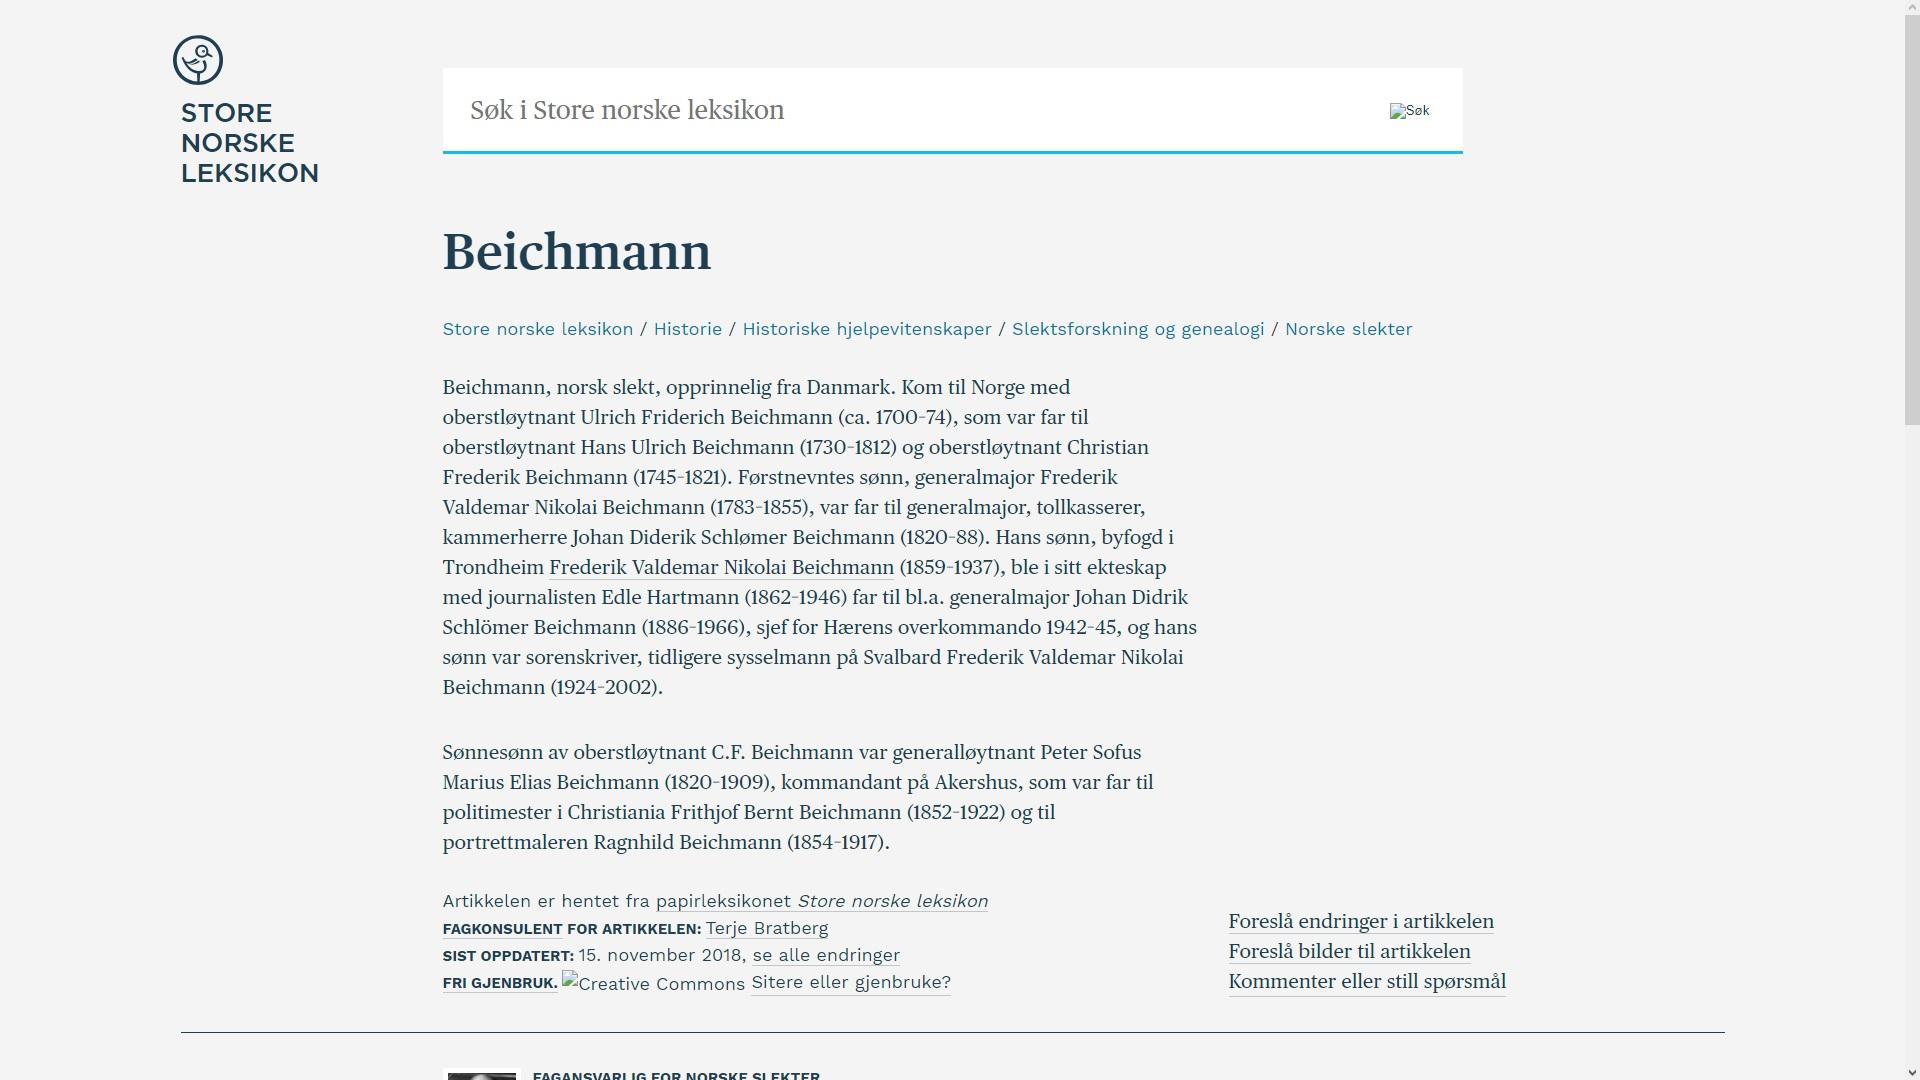 7b34915e johncons: Mora til Diderik Beichmann var visst fra Stokke